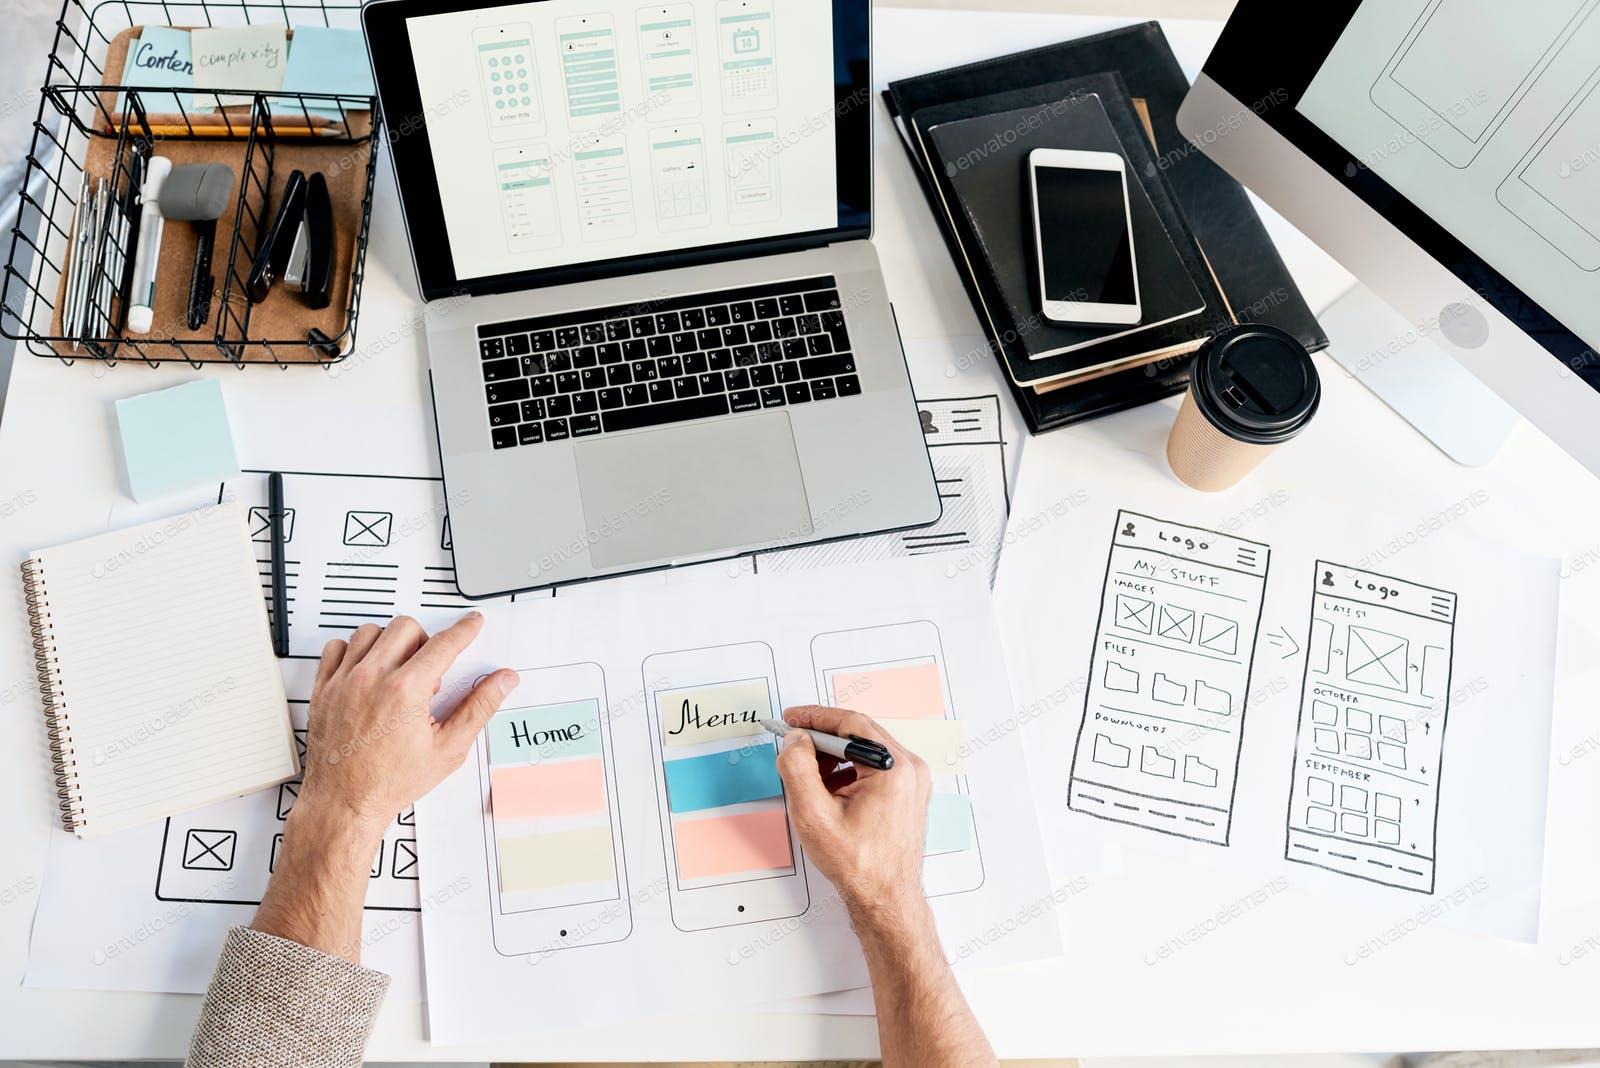 E-Ticaret İçerik Ve Tasarım Planlaması